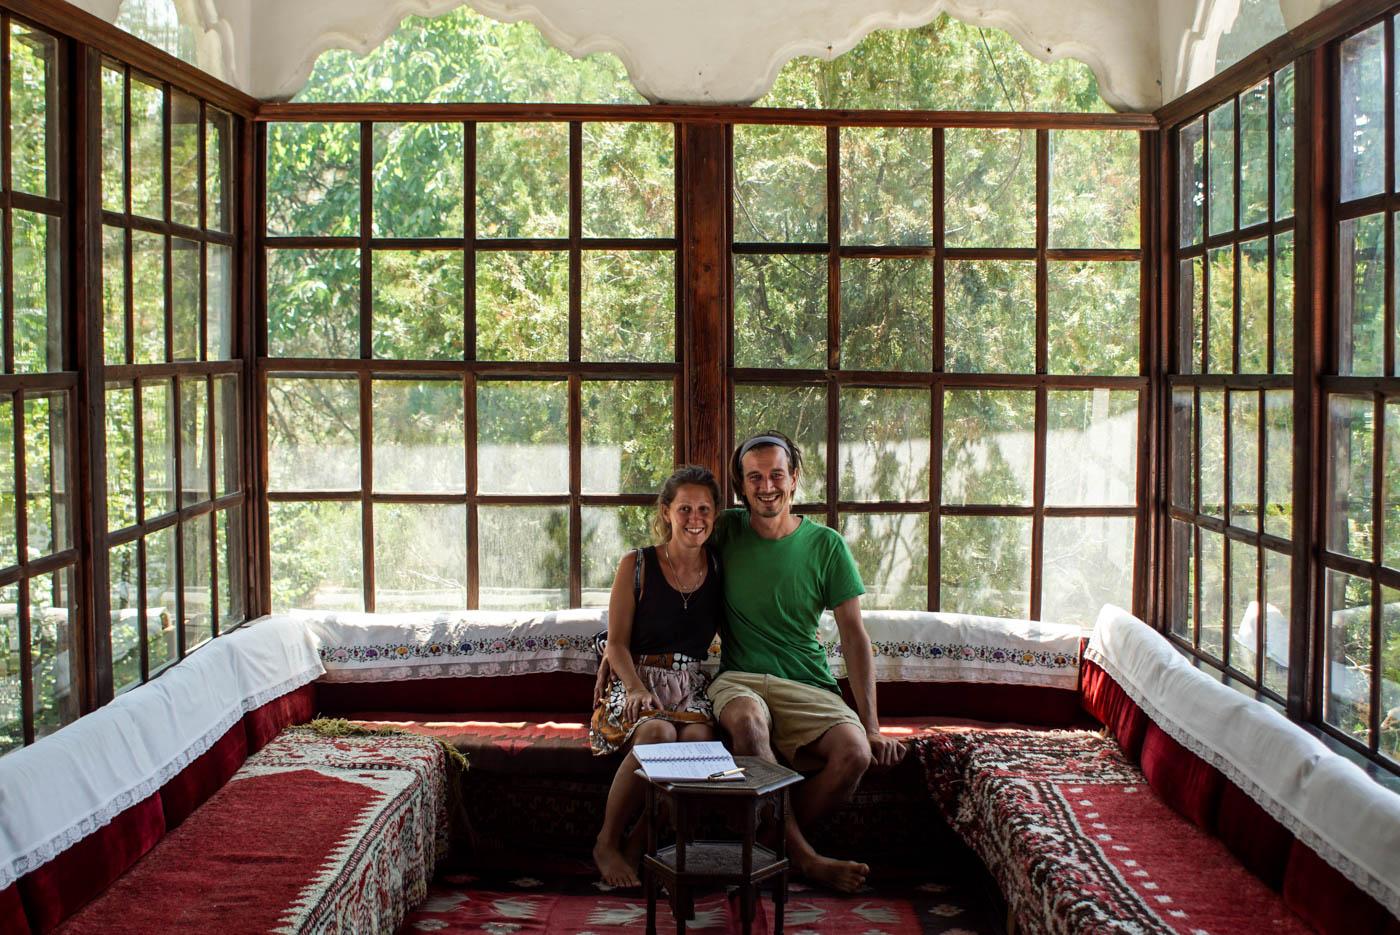 Lea und Paul sitzen in einem Wintergarten eines historischen Hauses im ethnischen Museum in Pristina.